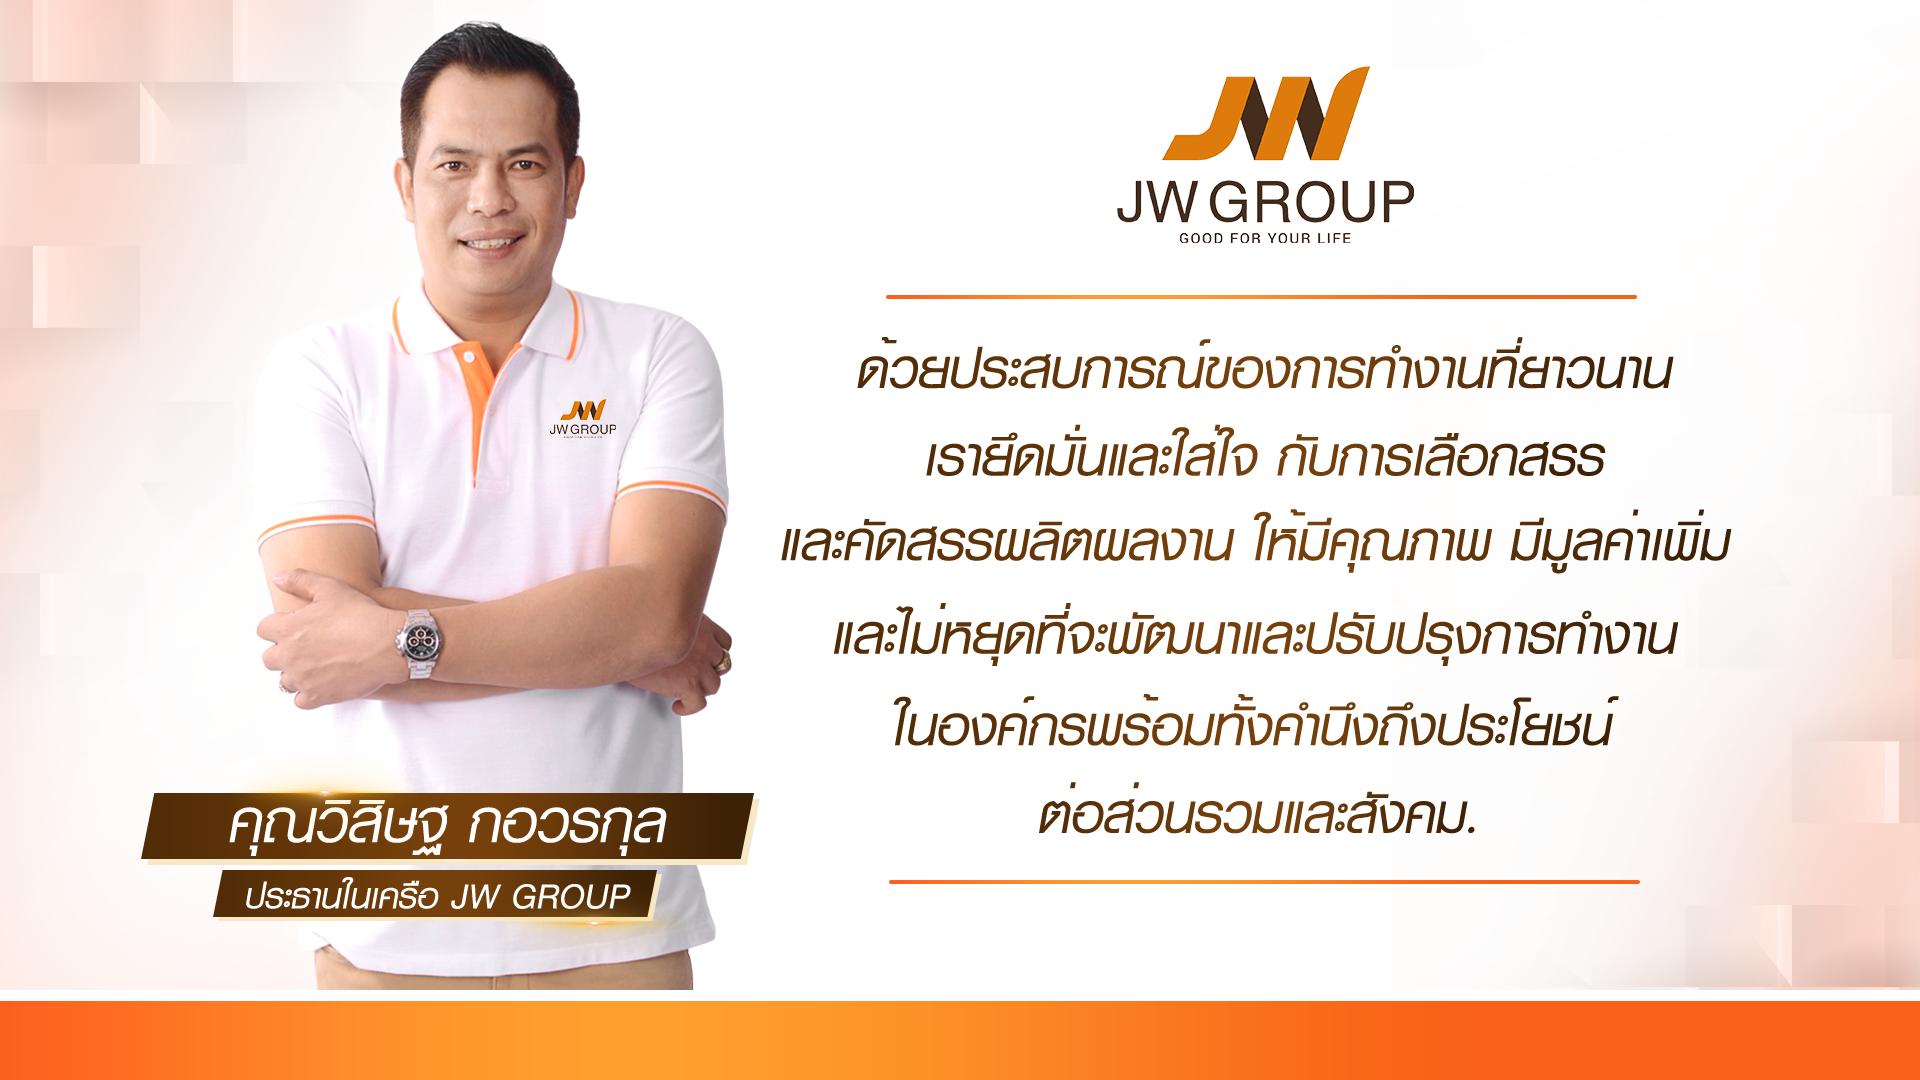 ผู้บริหาร-jw-บริษัท-อสังหา